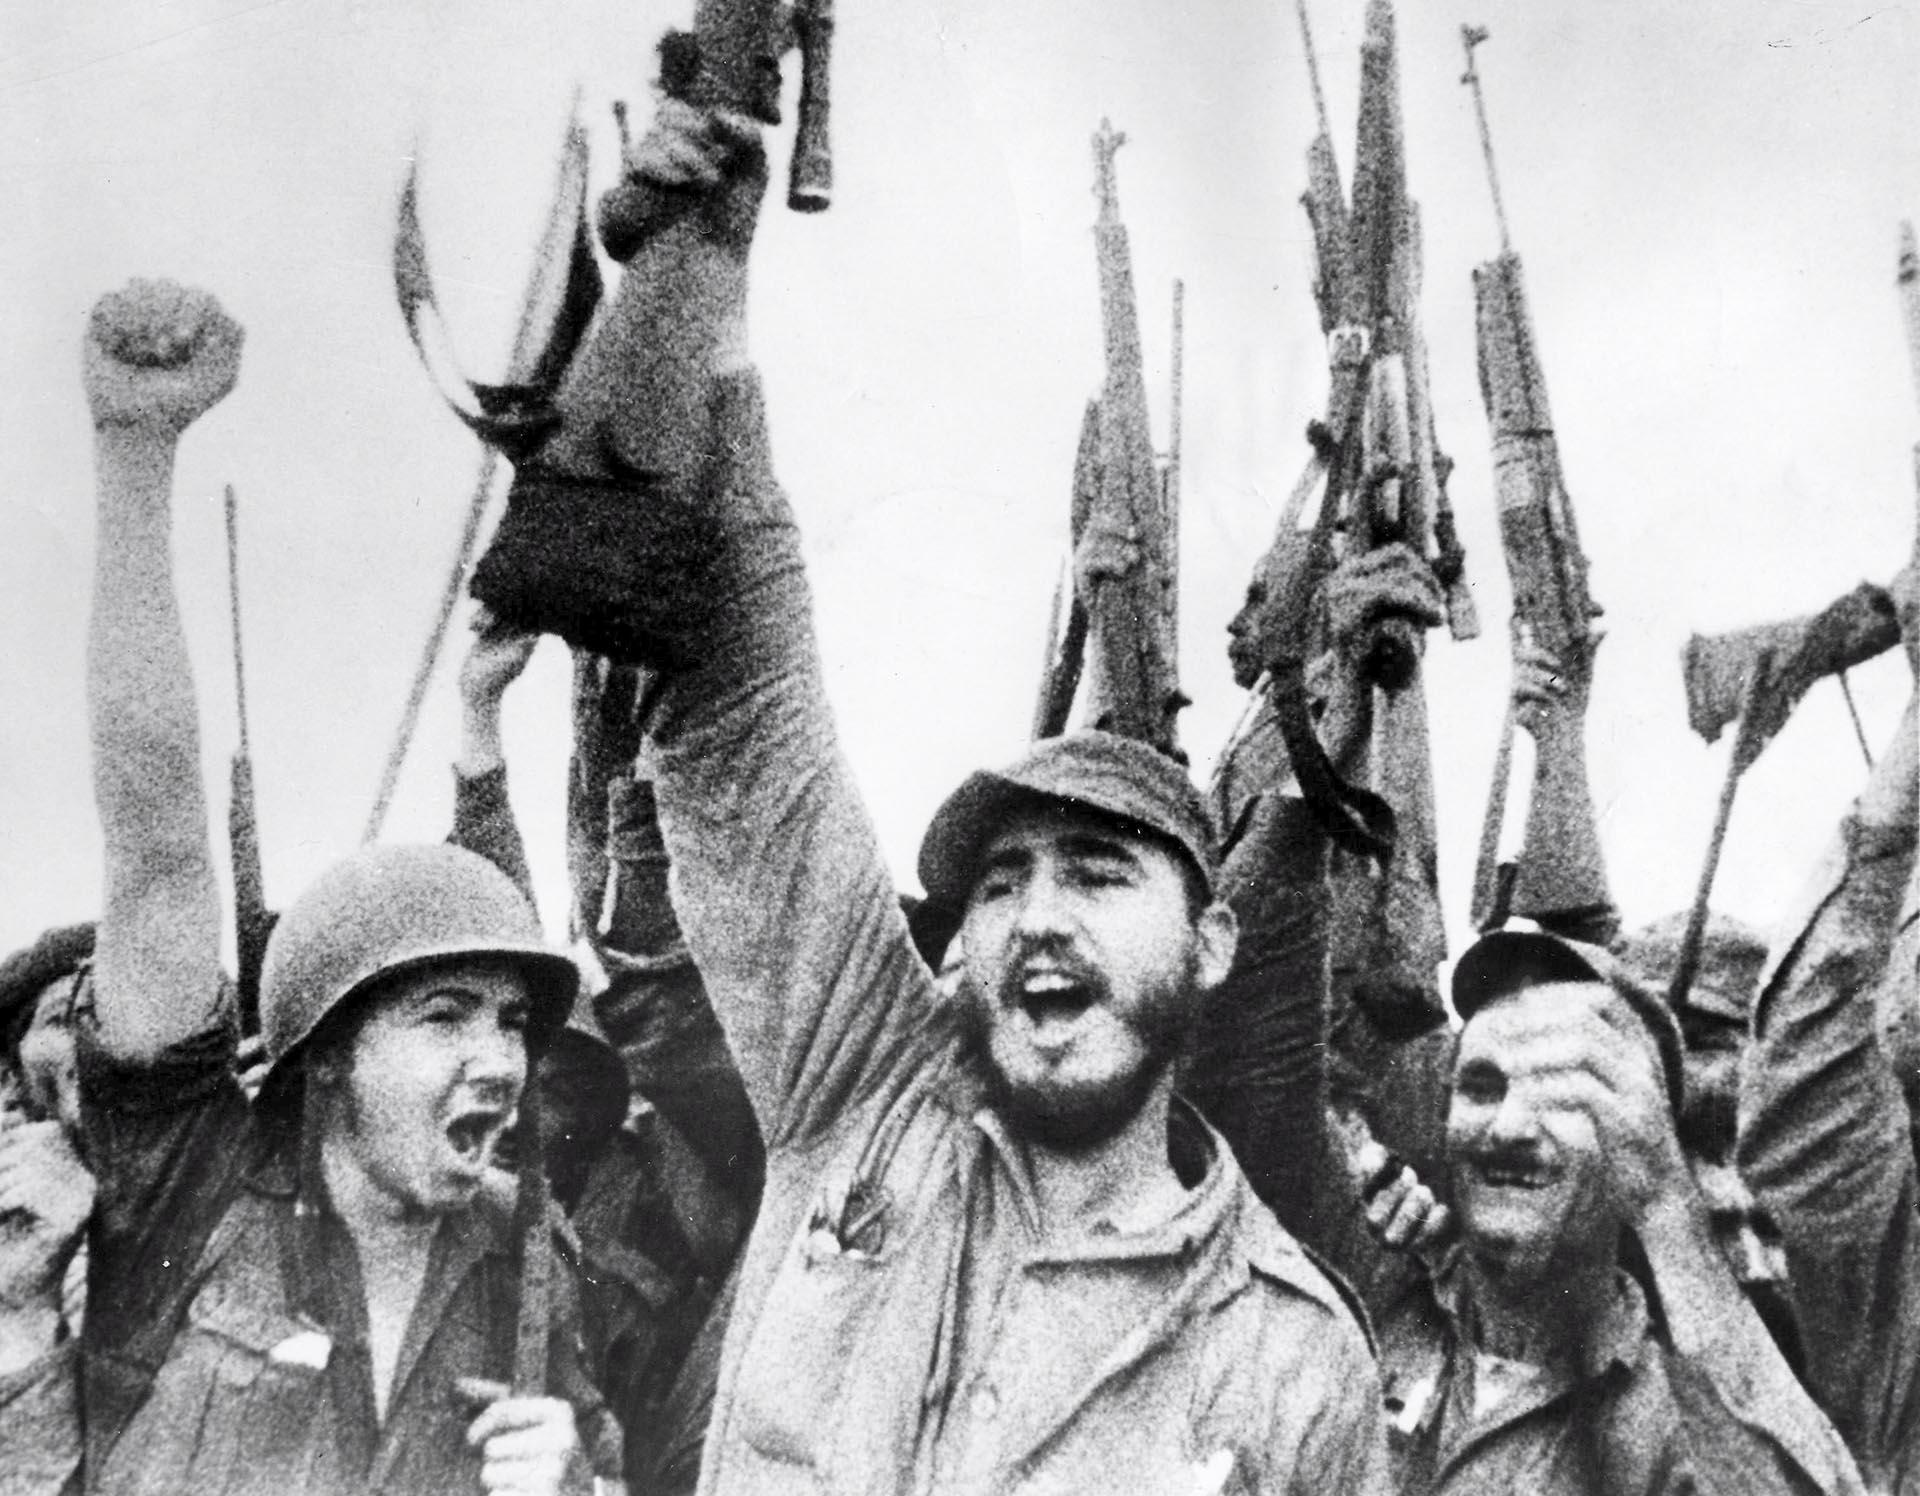 Fidel Castro celebra la victoria del movimiento revolucionario cubano sobre el régimen de Fulgencio Batista, el 8 de enero de 1959